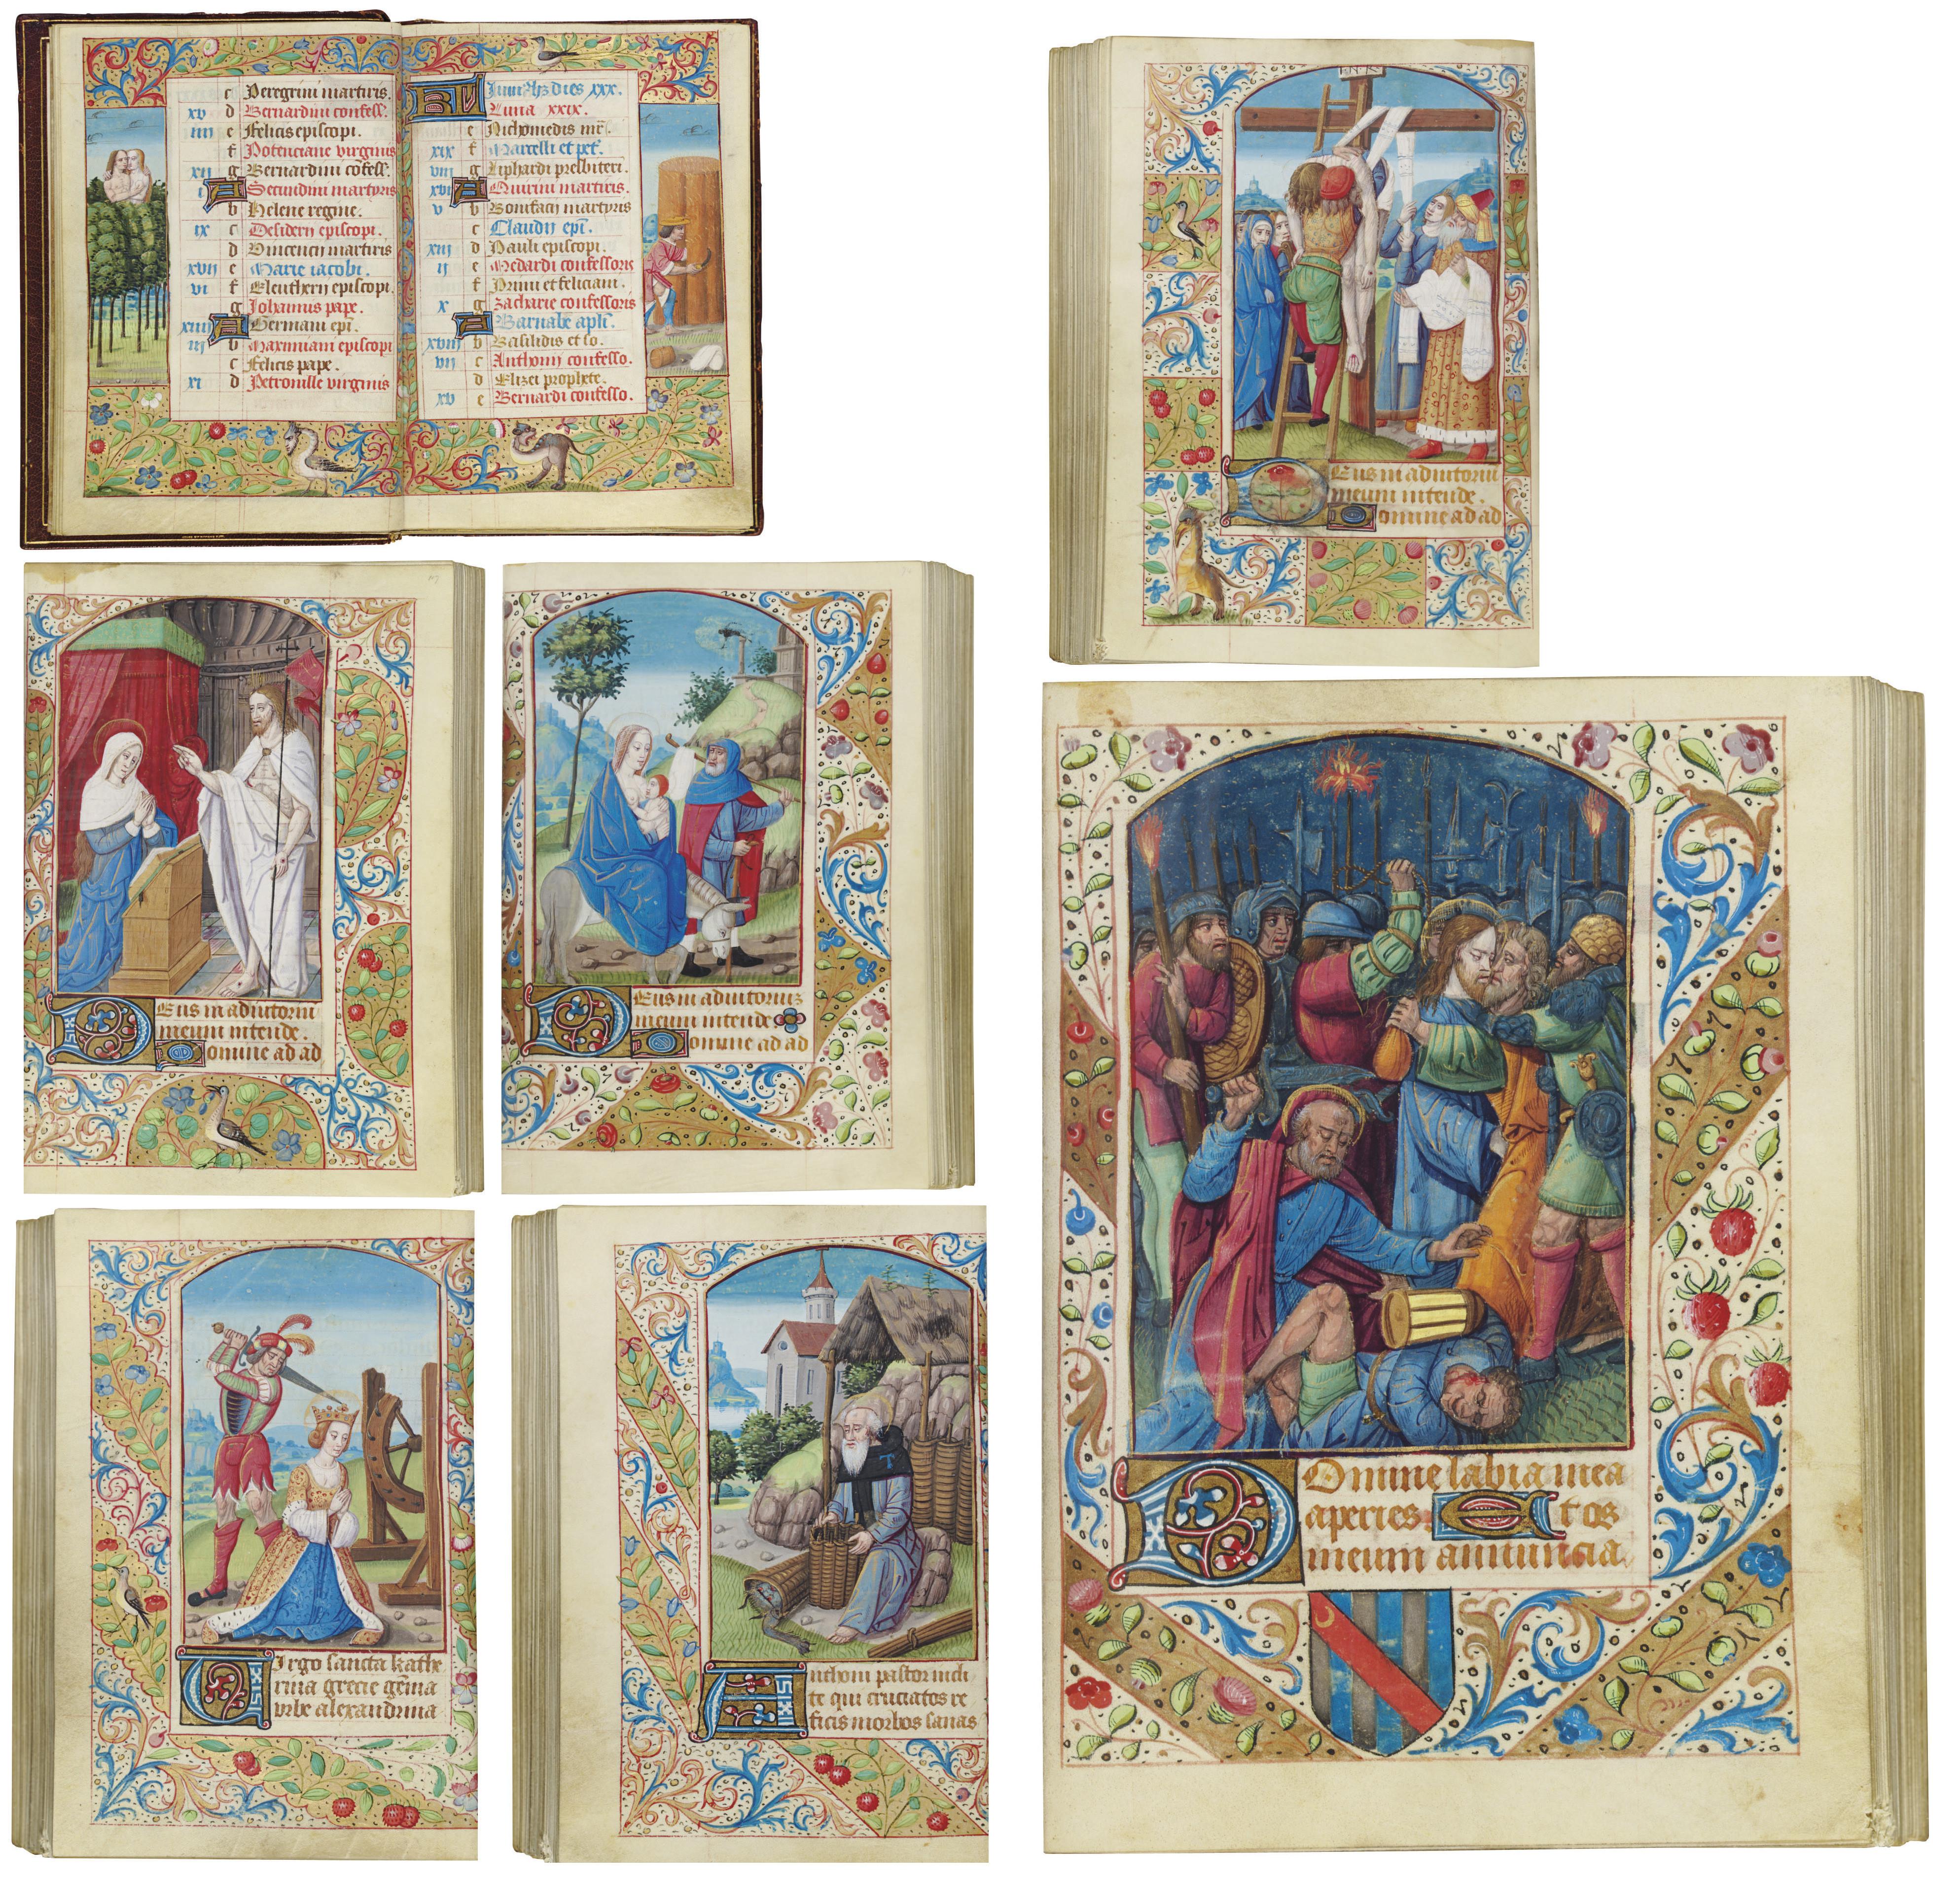 BOOK OF HOURS, use of Geneva, in Latin, ILLUMINATED MANUSCRIPT ON VELLUM